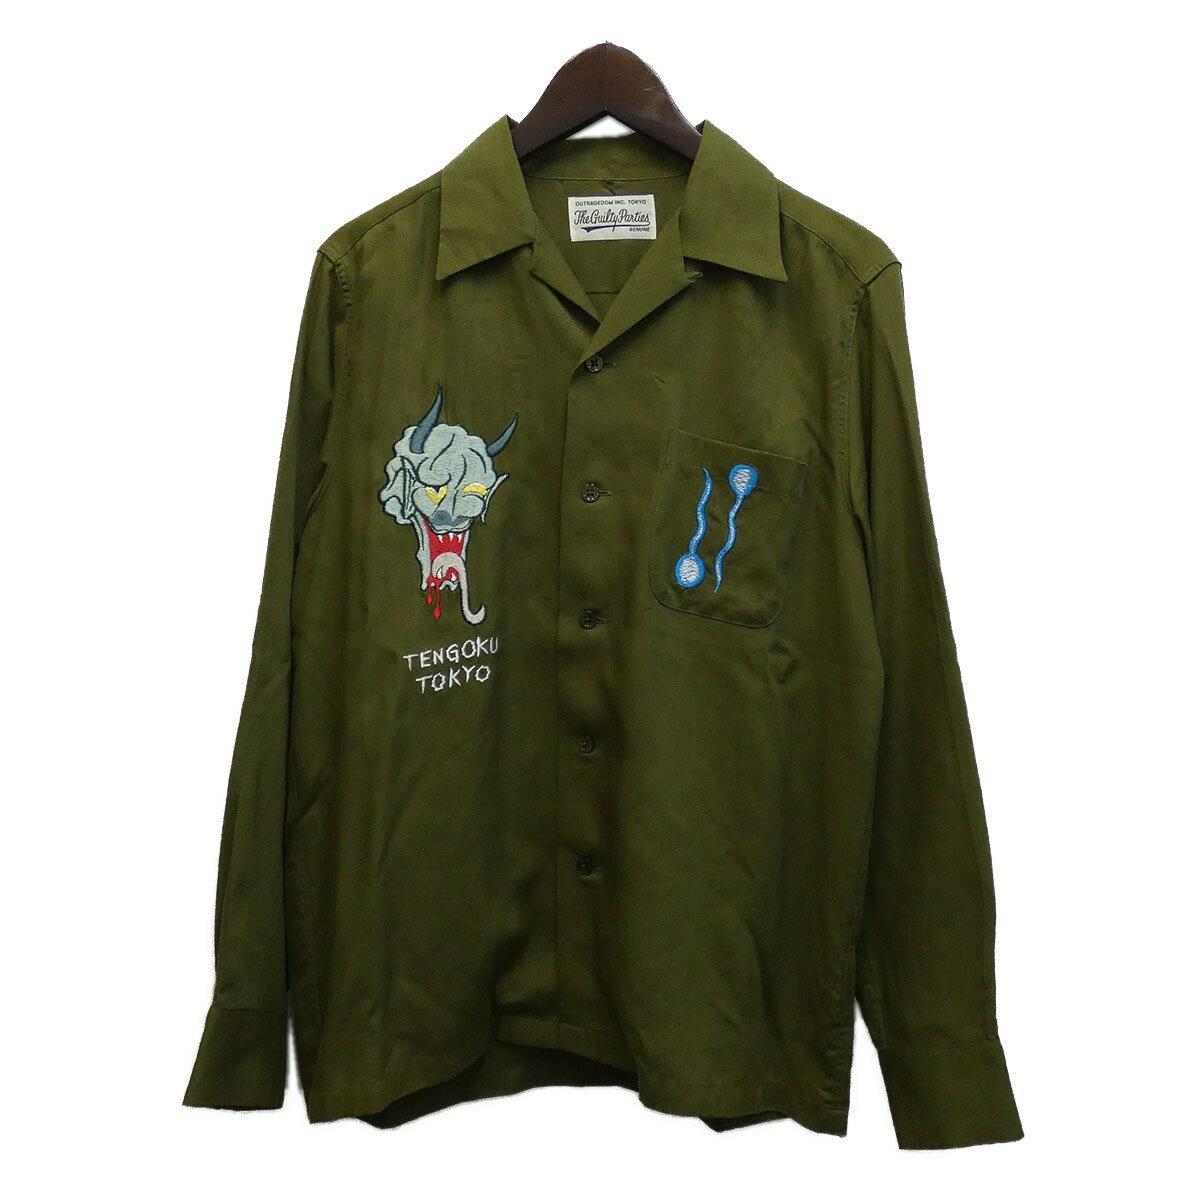 トップス, カジュアルシャツ WACKO MARIA 16AWSOUVENIOR SHIRT S 040620